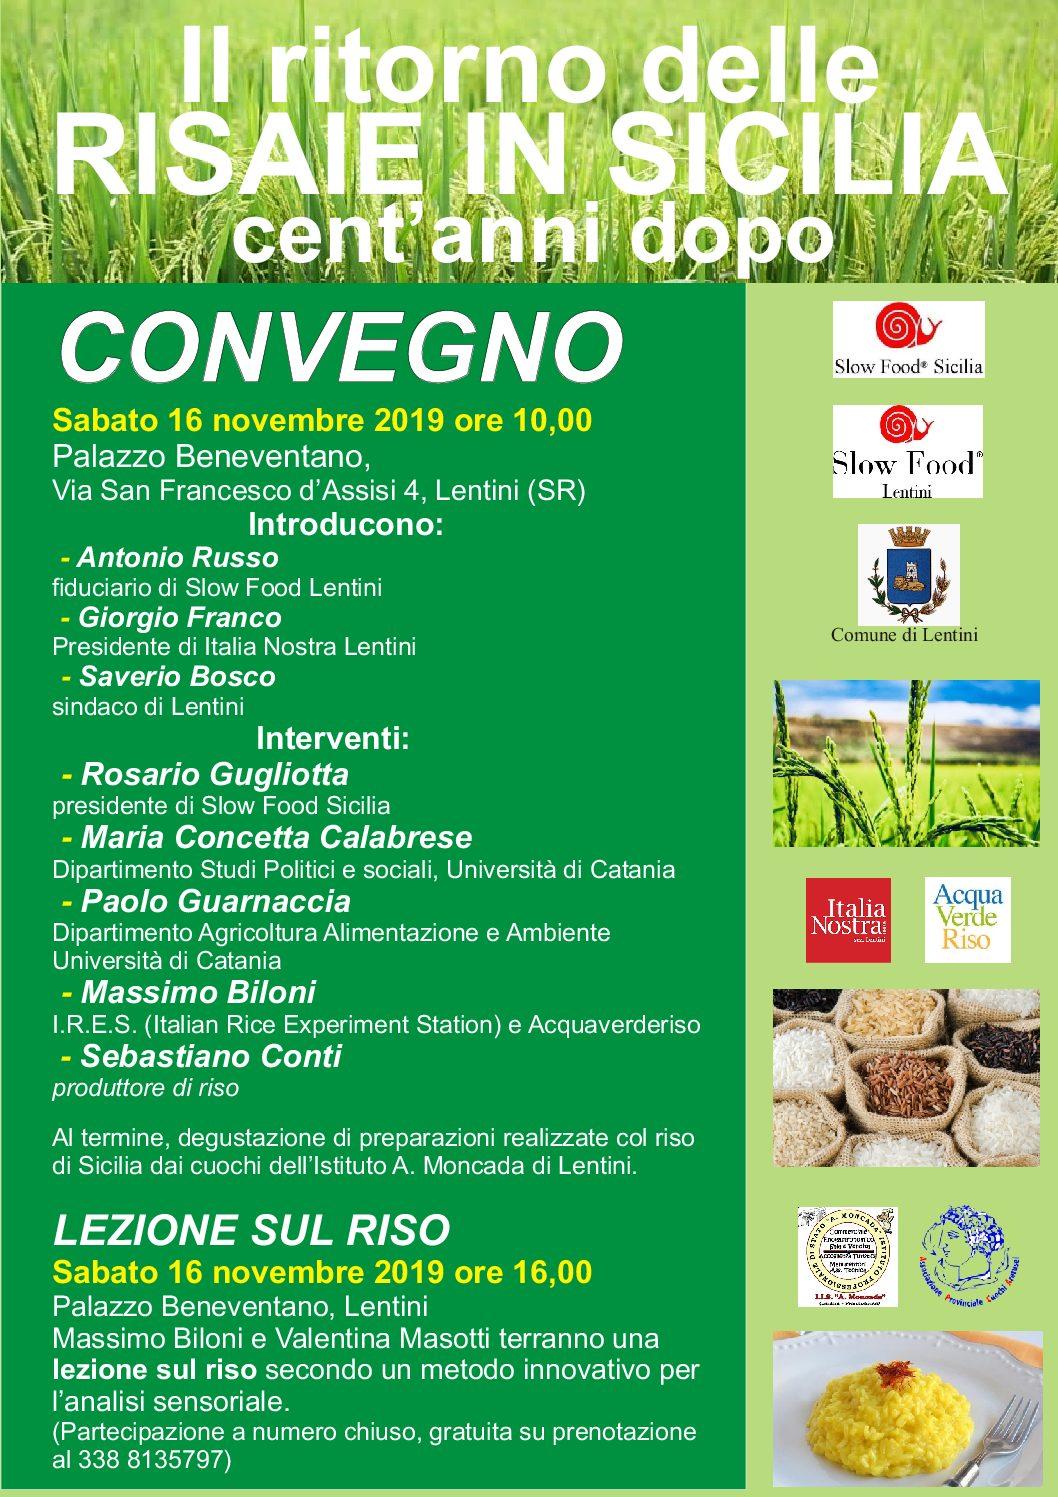 Lentini, Cent'anni dopo, il riso torna in Sicilia Sabato 16 novembre 2019, Palazzo Beneventano. Iniziativa di Slow Food